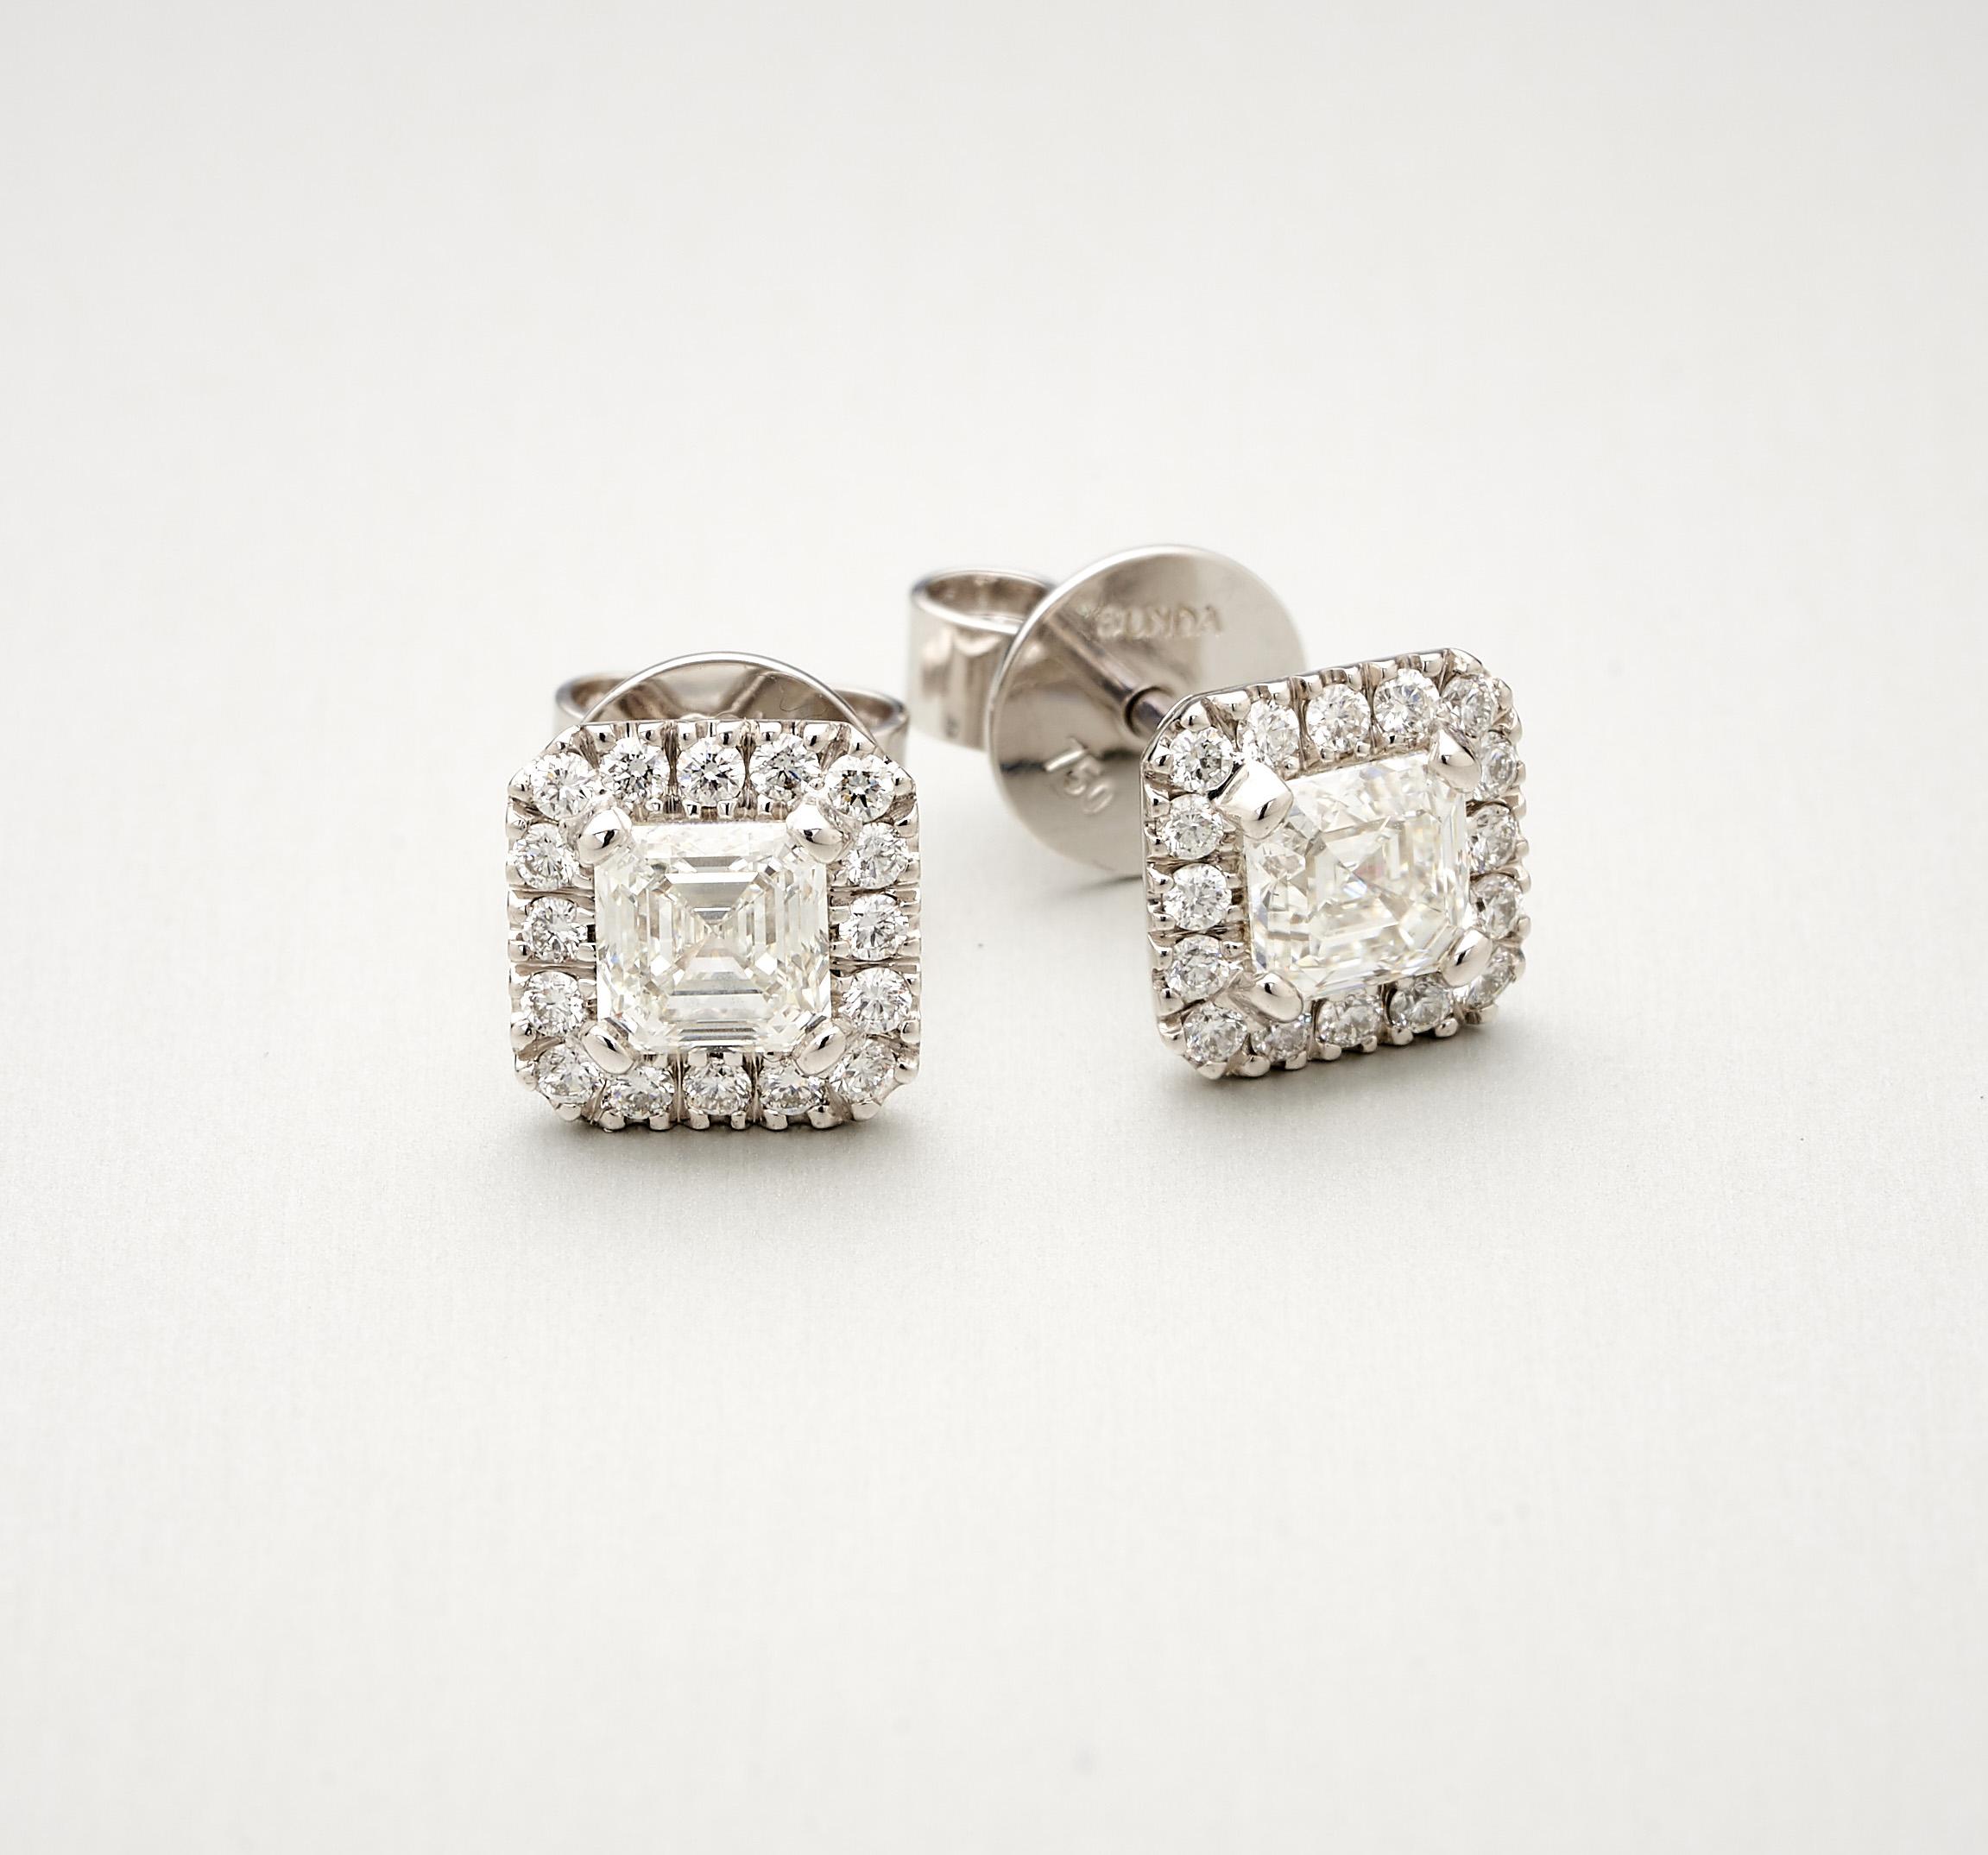 BUNDA Valentin Diamond Earrings $8,500